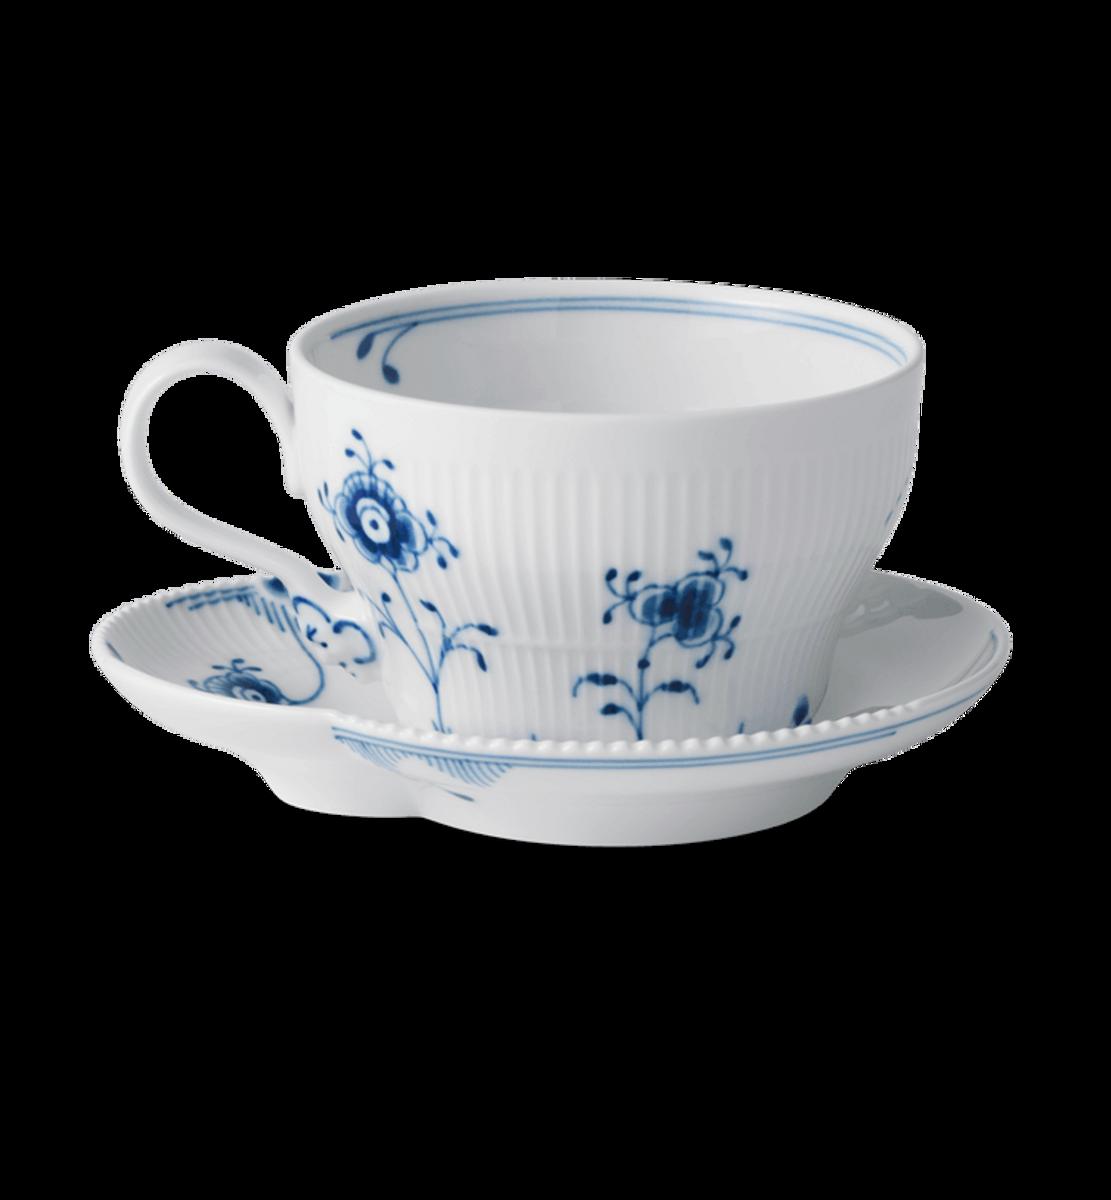 Blå Elements kopp og skål 26 cl Royal Copenhagen